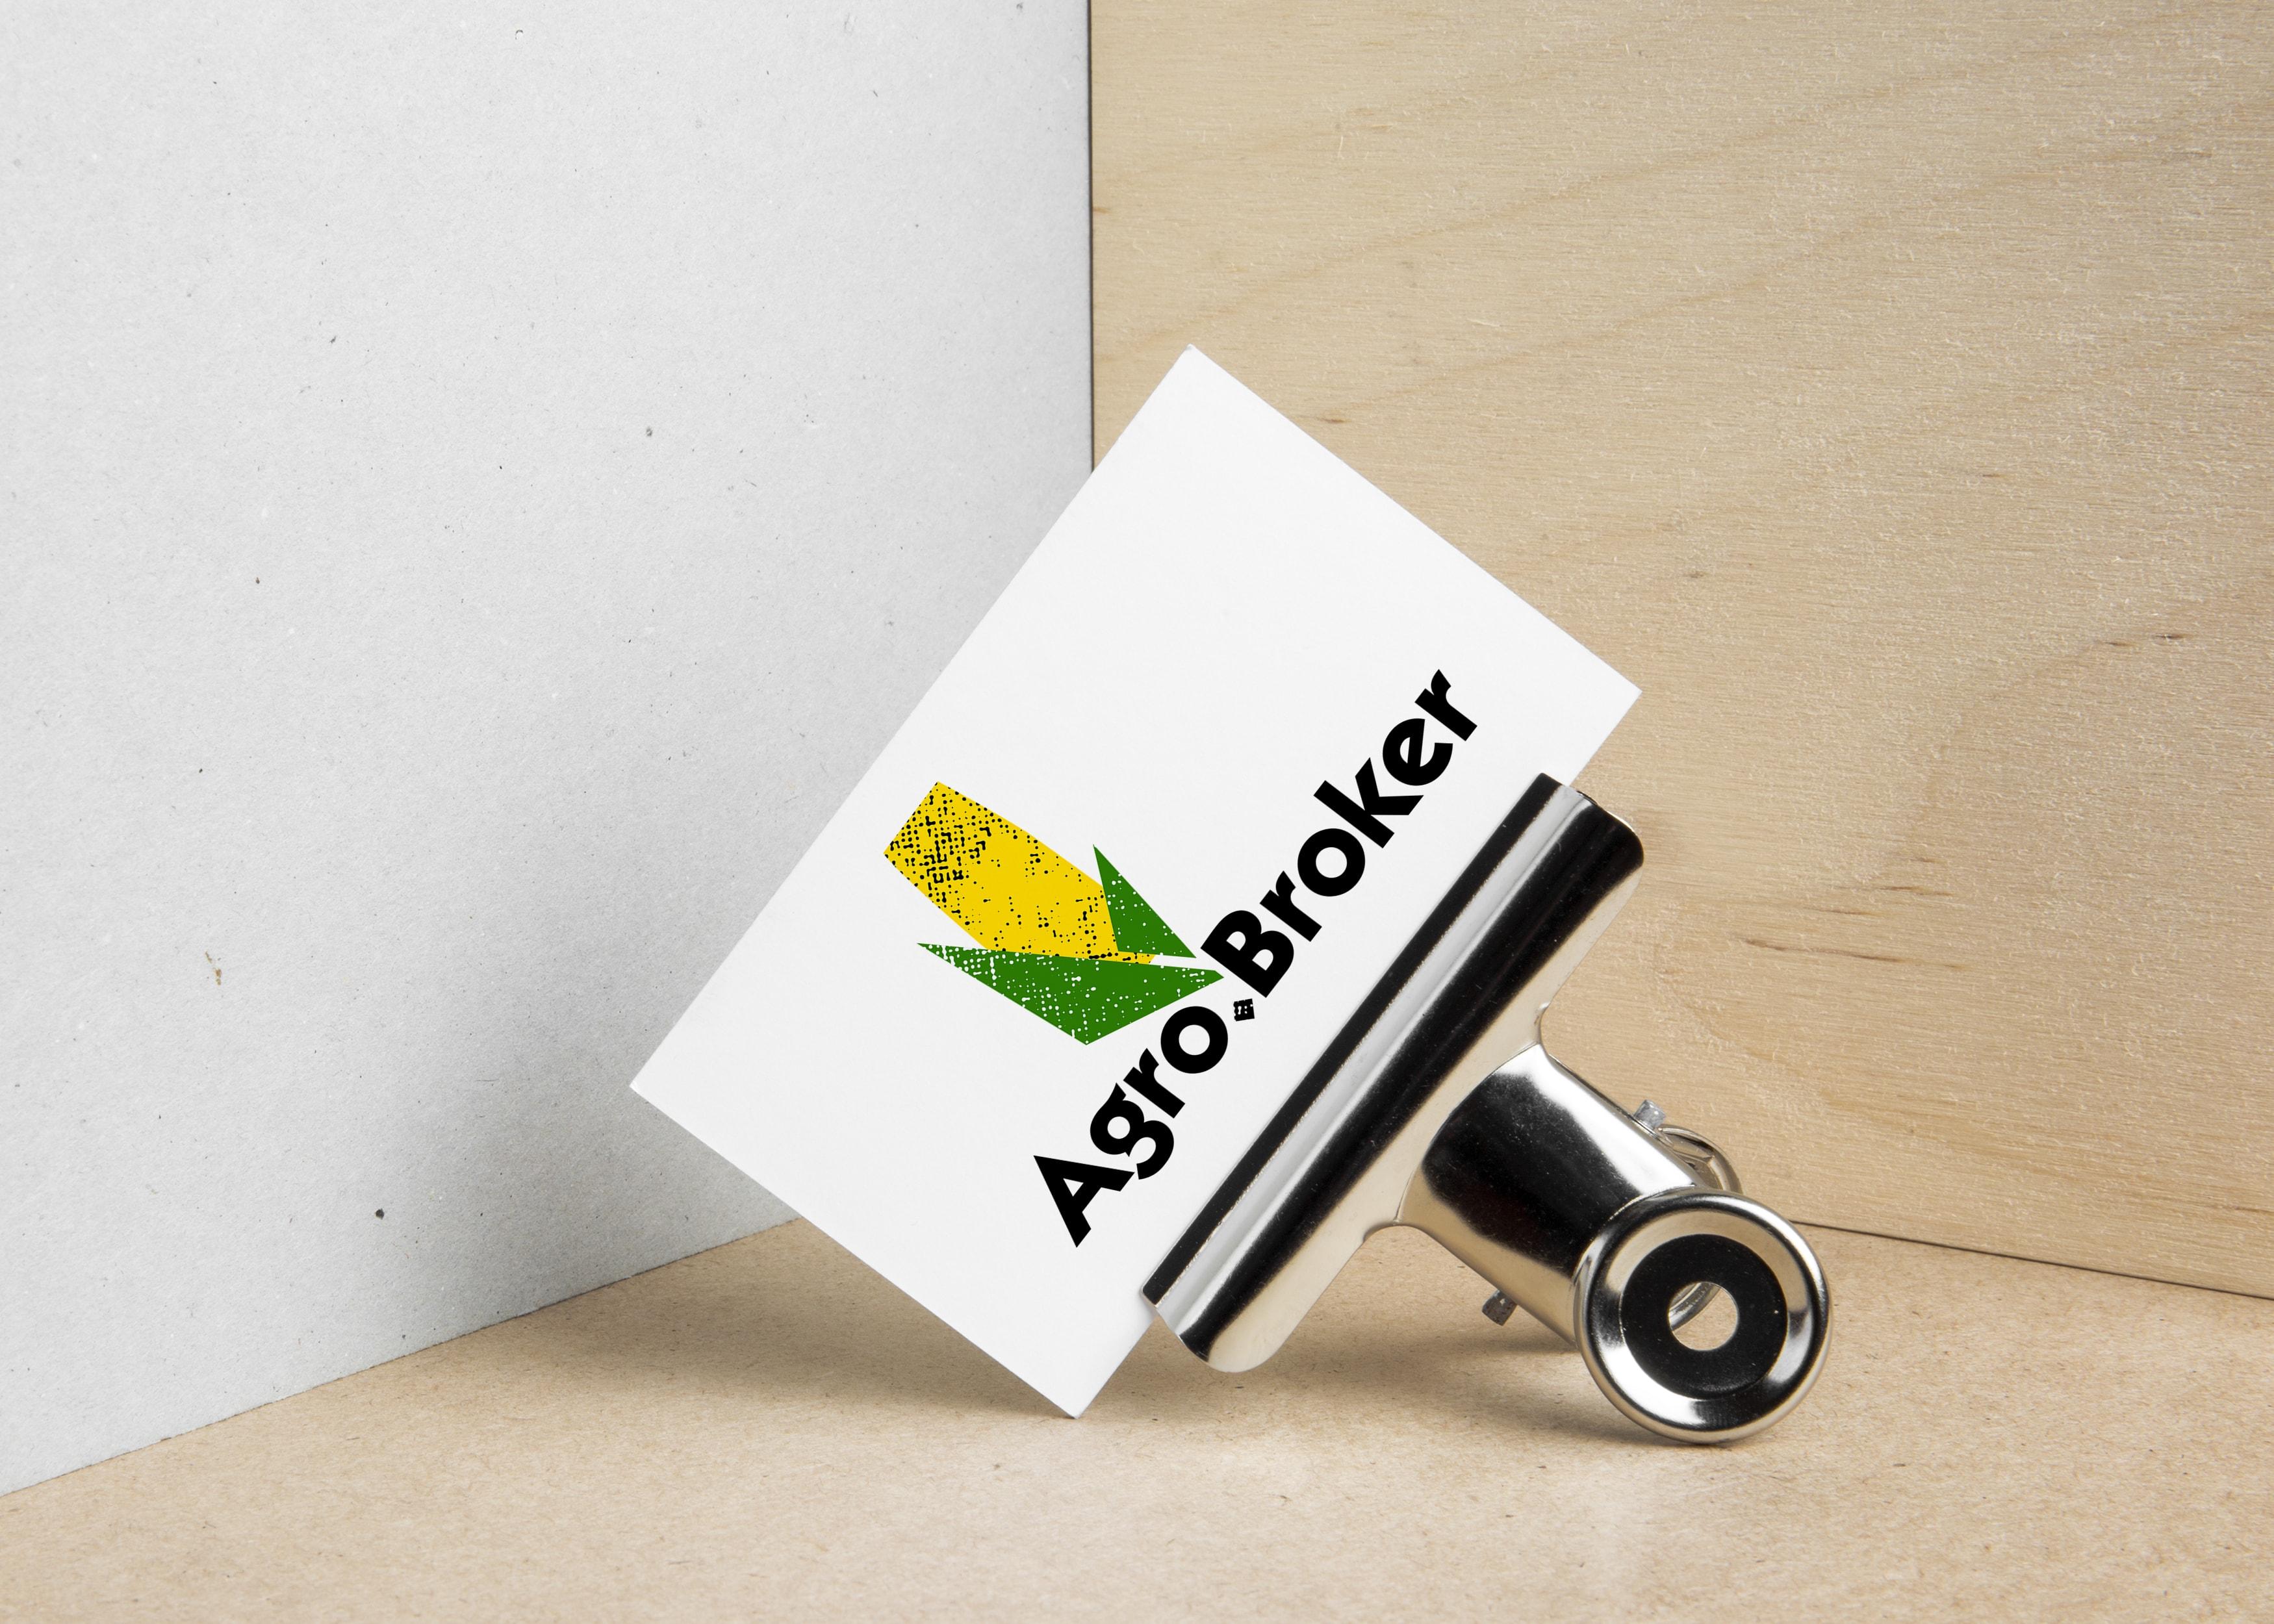 ТЗ на разработку пакета айдентики Agro.Broker фото f_06159727f3035841.jpg